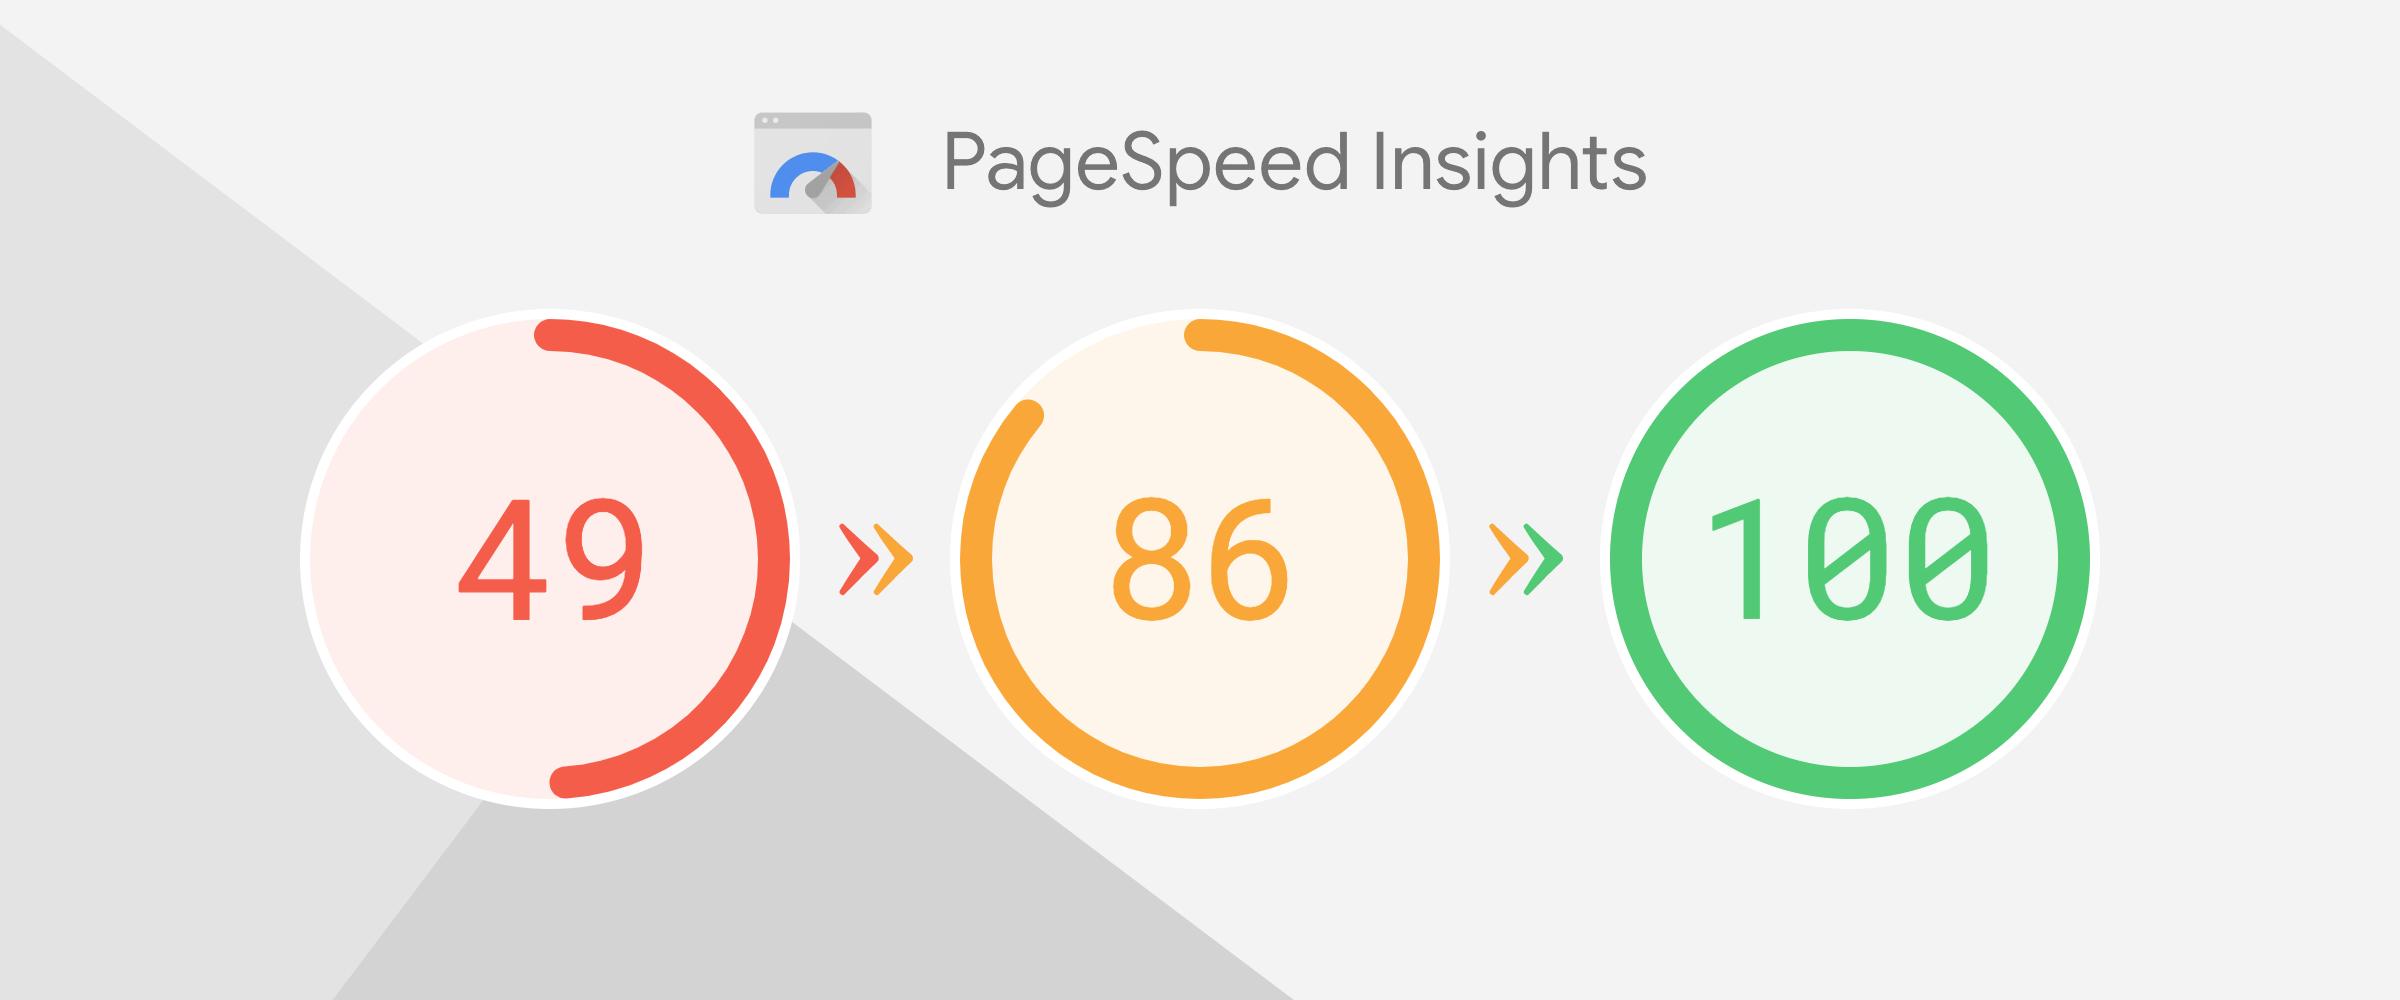 H%C6%B0%E1%BB%9Bng d%E1%BA%ABn t%E1%BB%91i %C6%B0u tr%C3%AAn 80 %C4%91i%E1%BB%83m Google PageSpeed cho Wordpress - Google PageSpeed Insights là gì? Điểm PageSpeed có quan trọng?